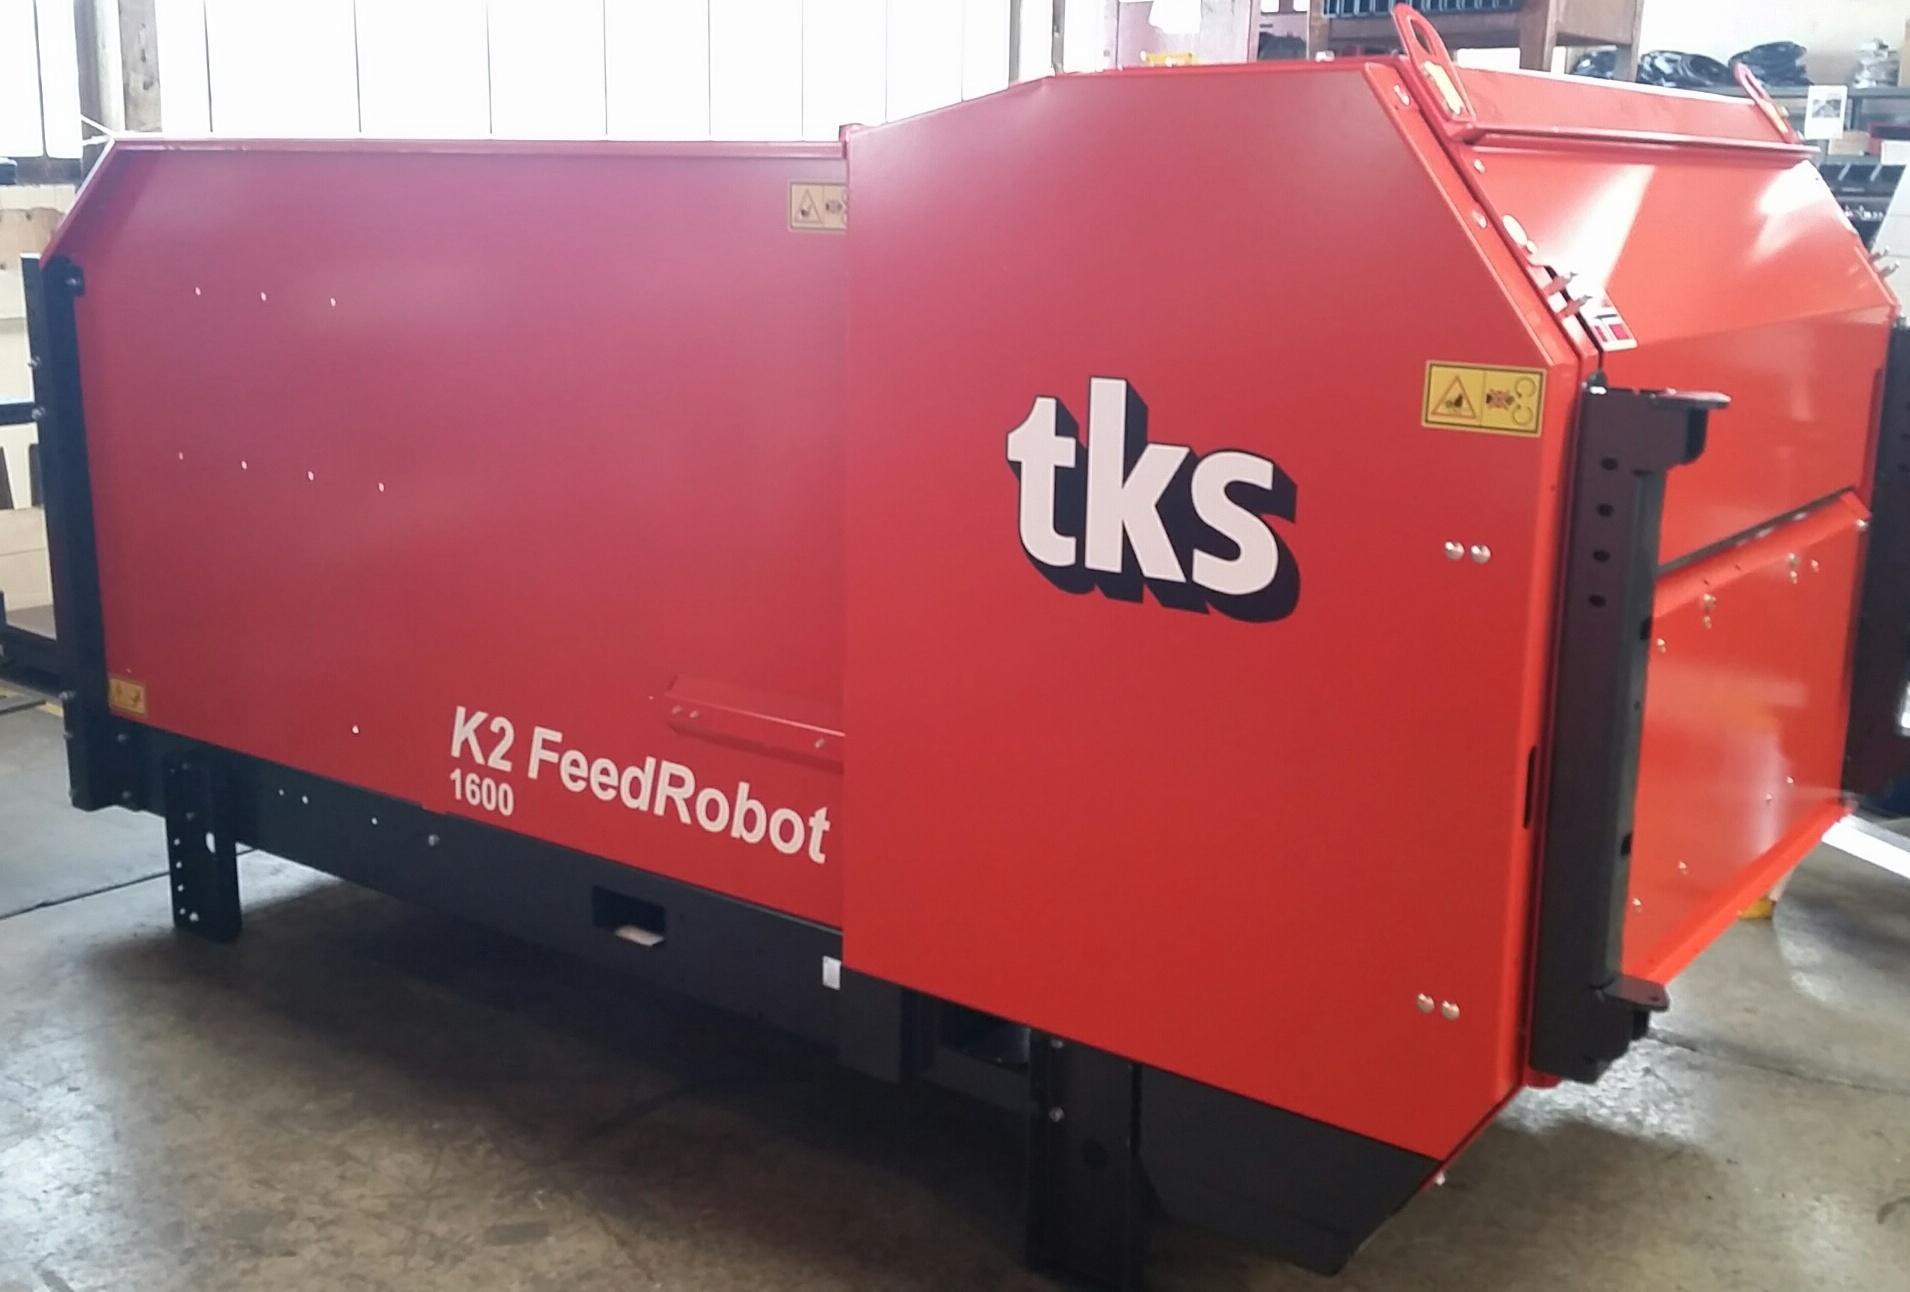 K2 FeedRobot